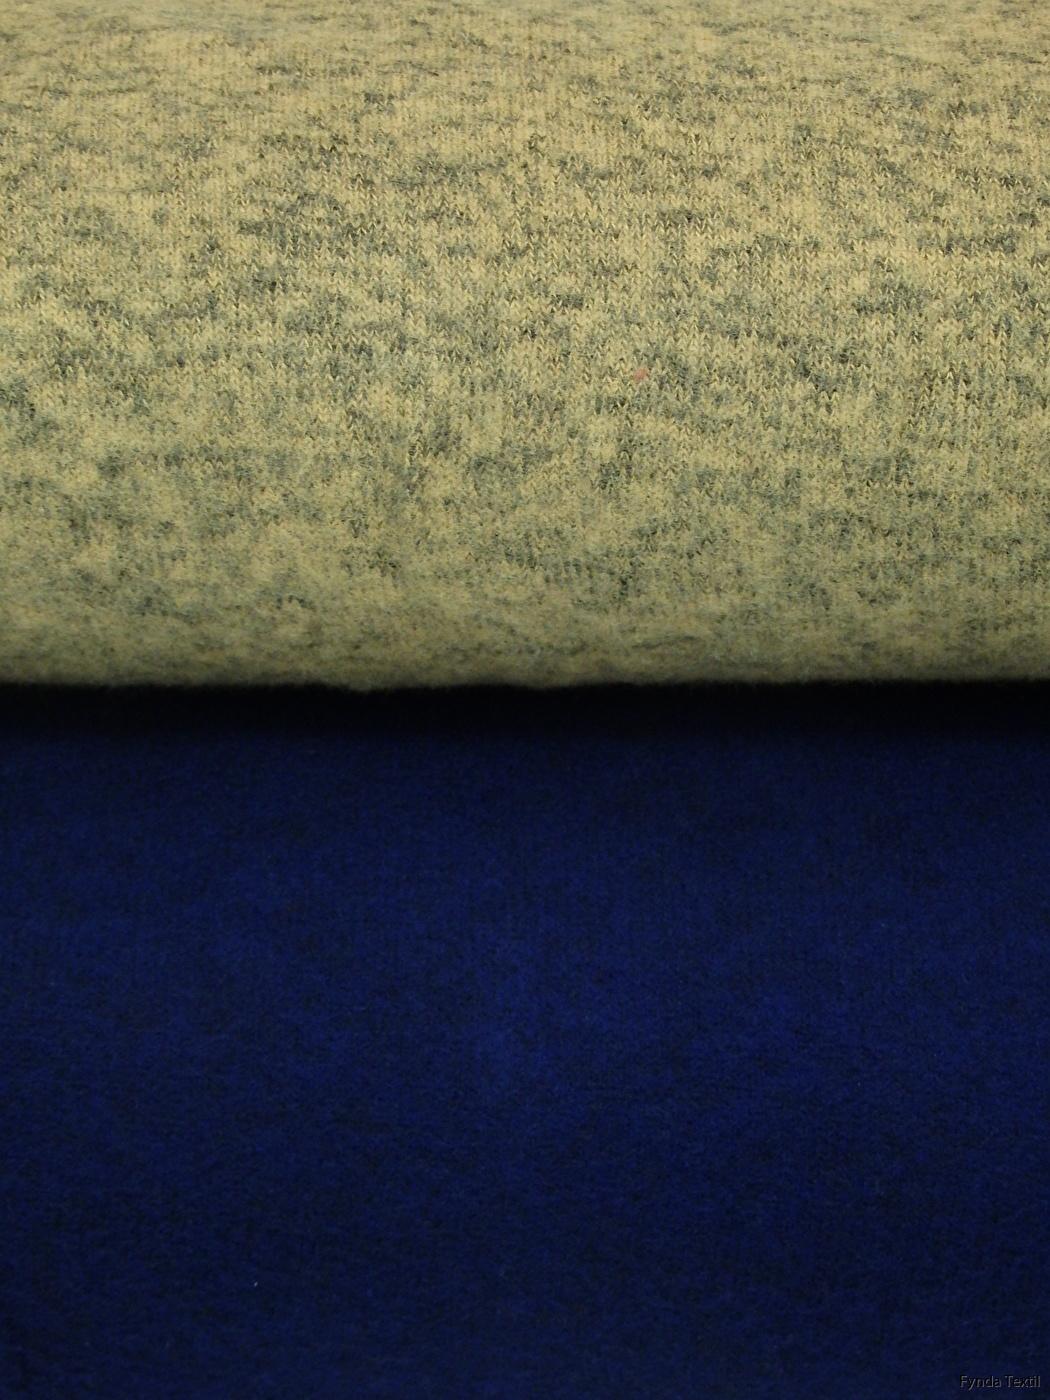 Senap och marinblå